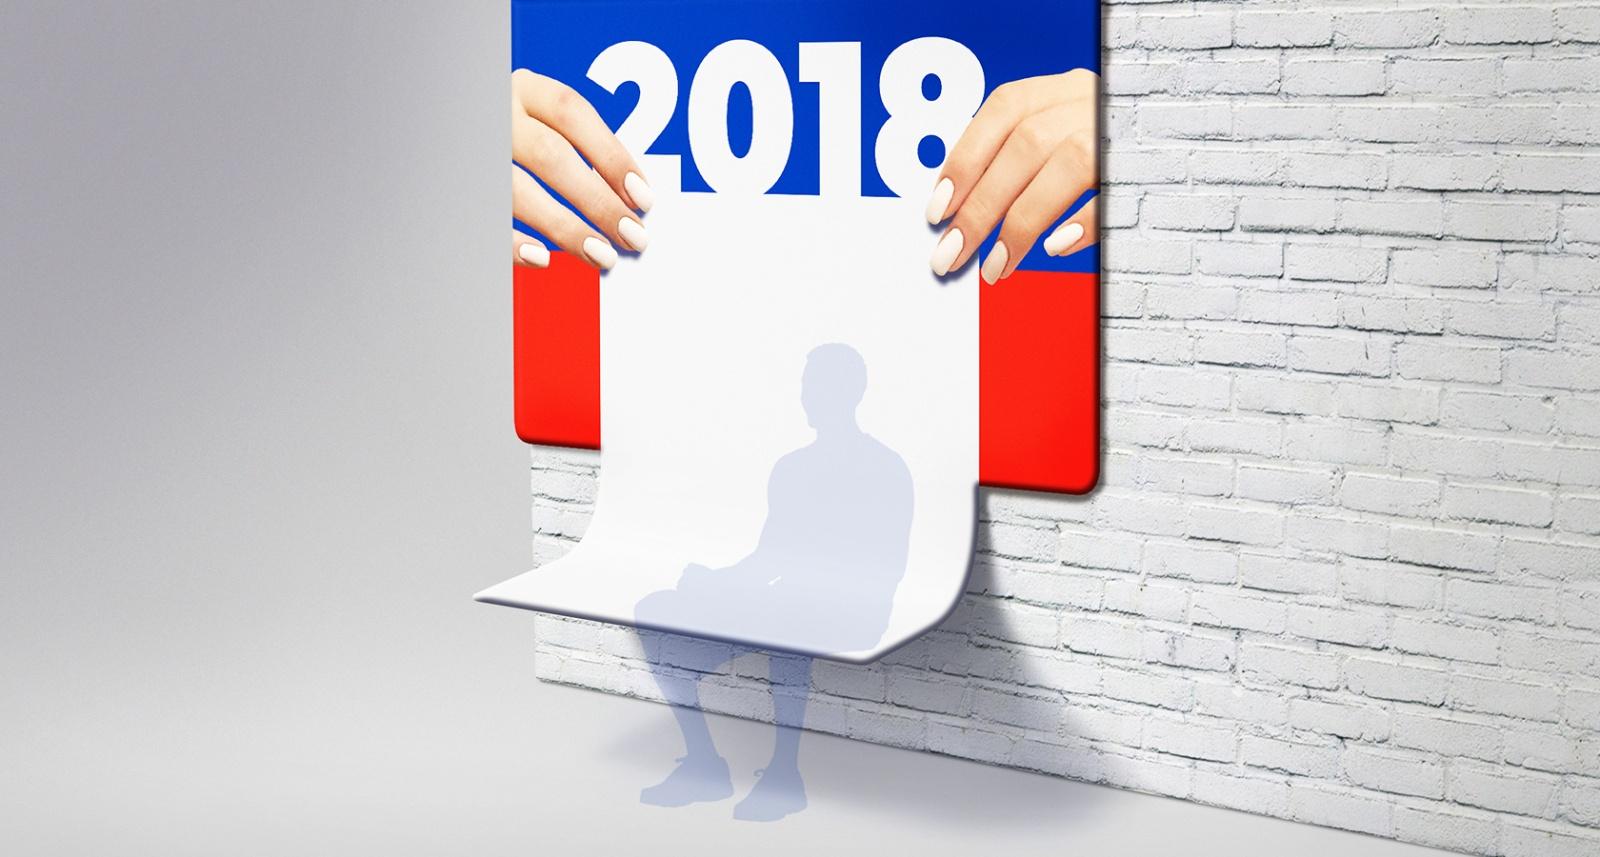 Логотип выборов за 37 миллионов VS. за 75 тысяч - 20